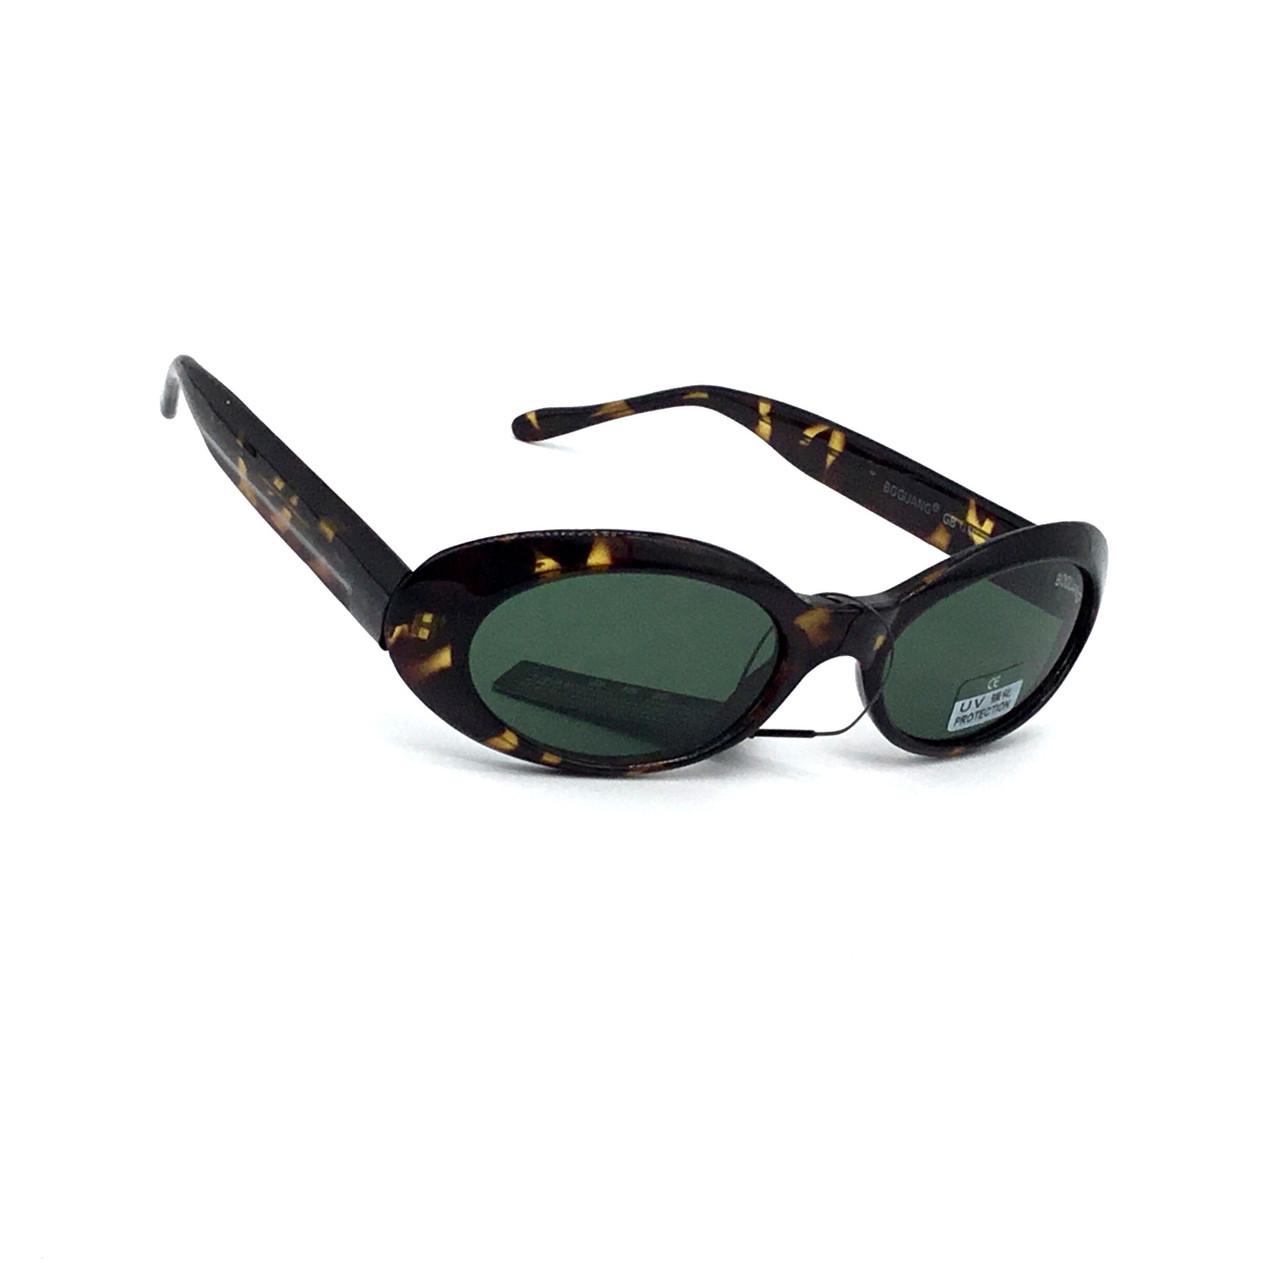 Cолнцезащитные очки BOGUANG со стеклом